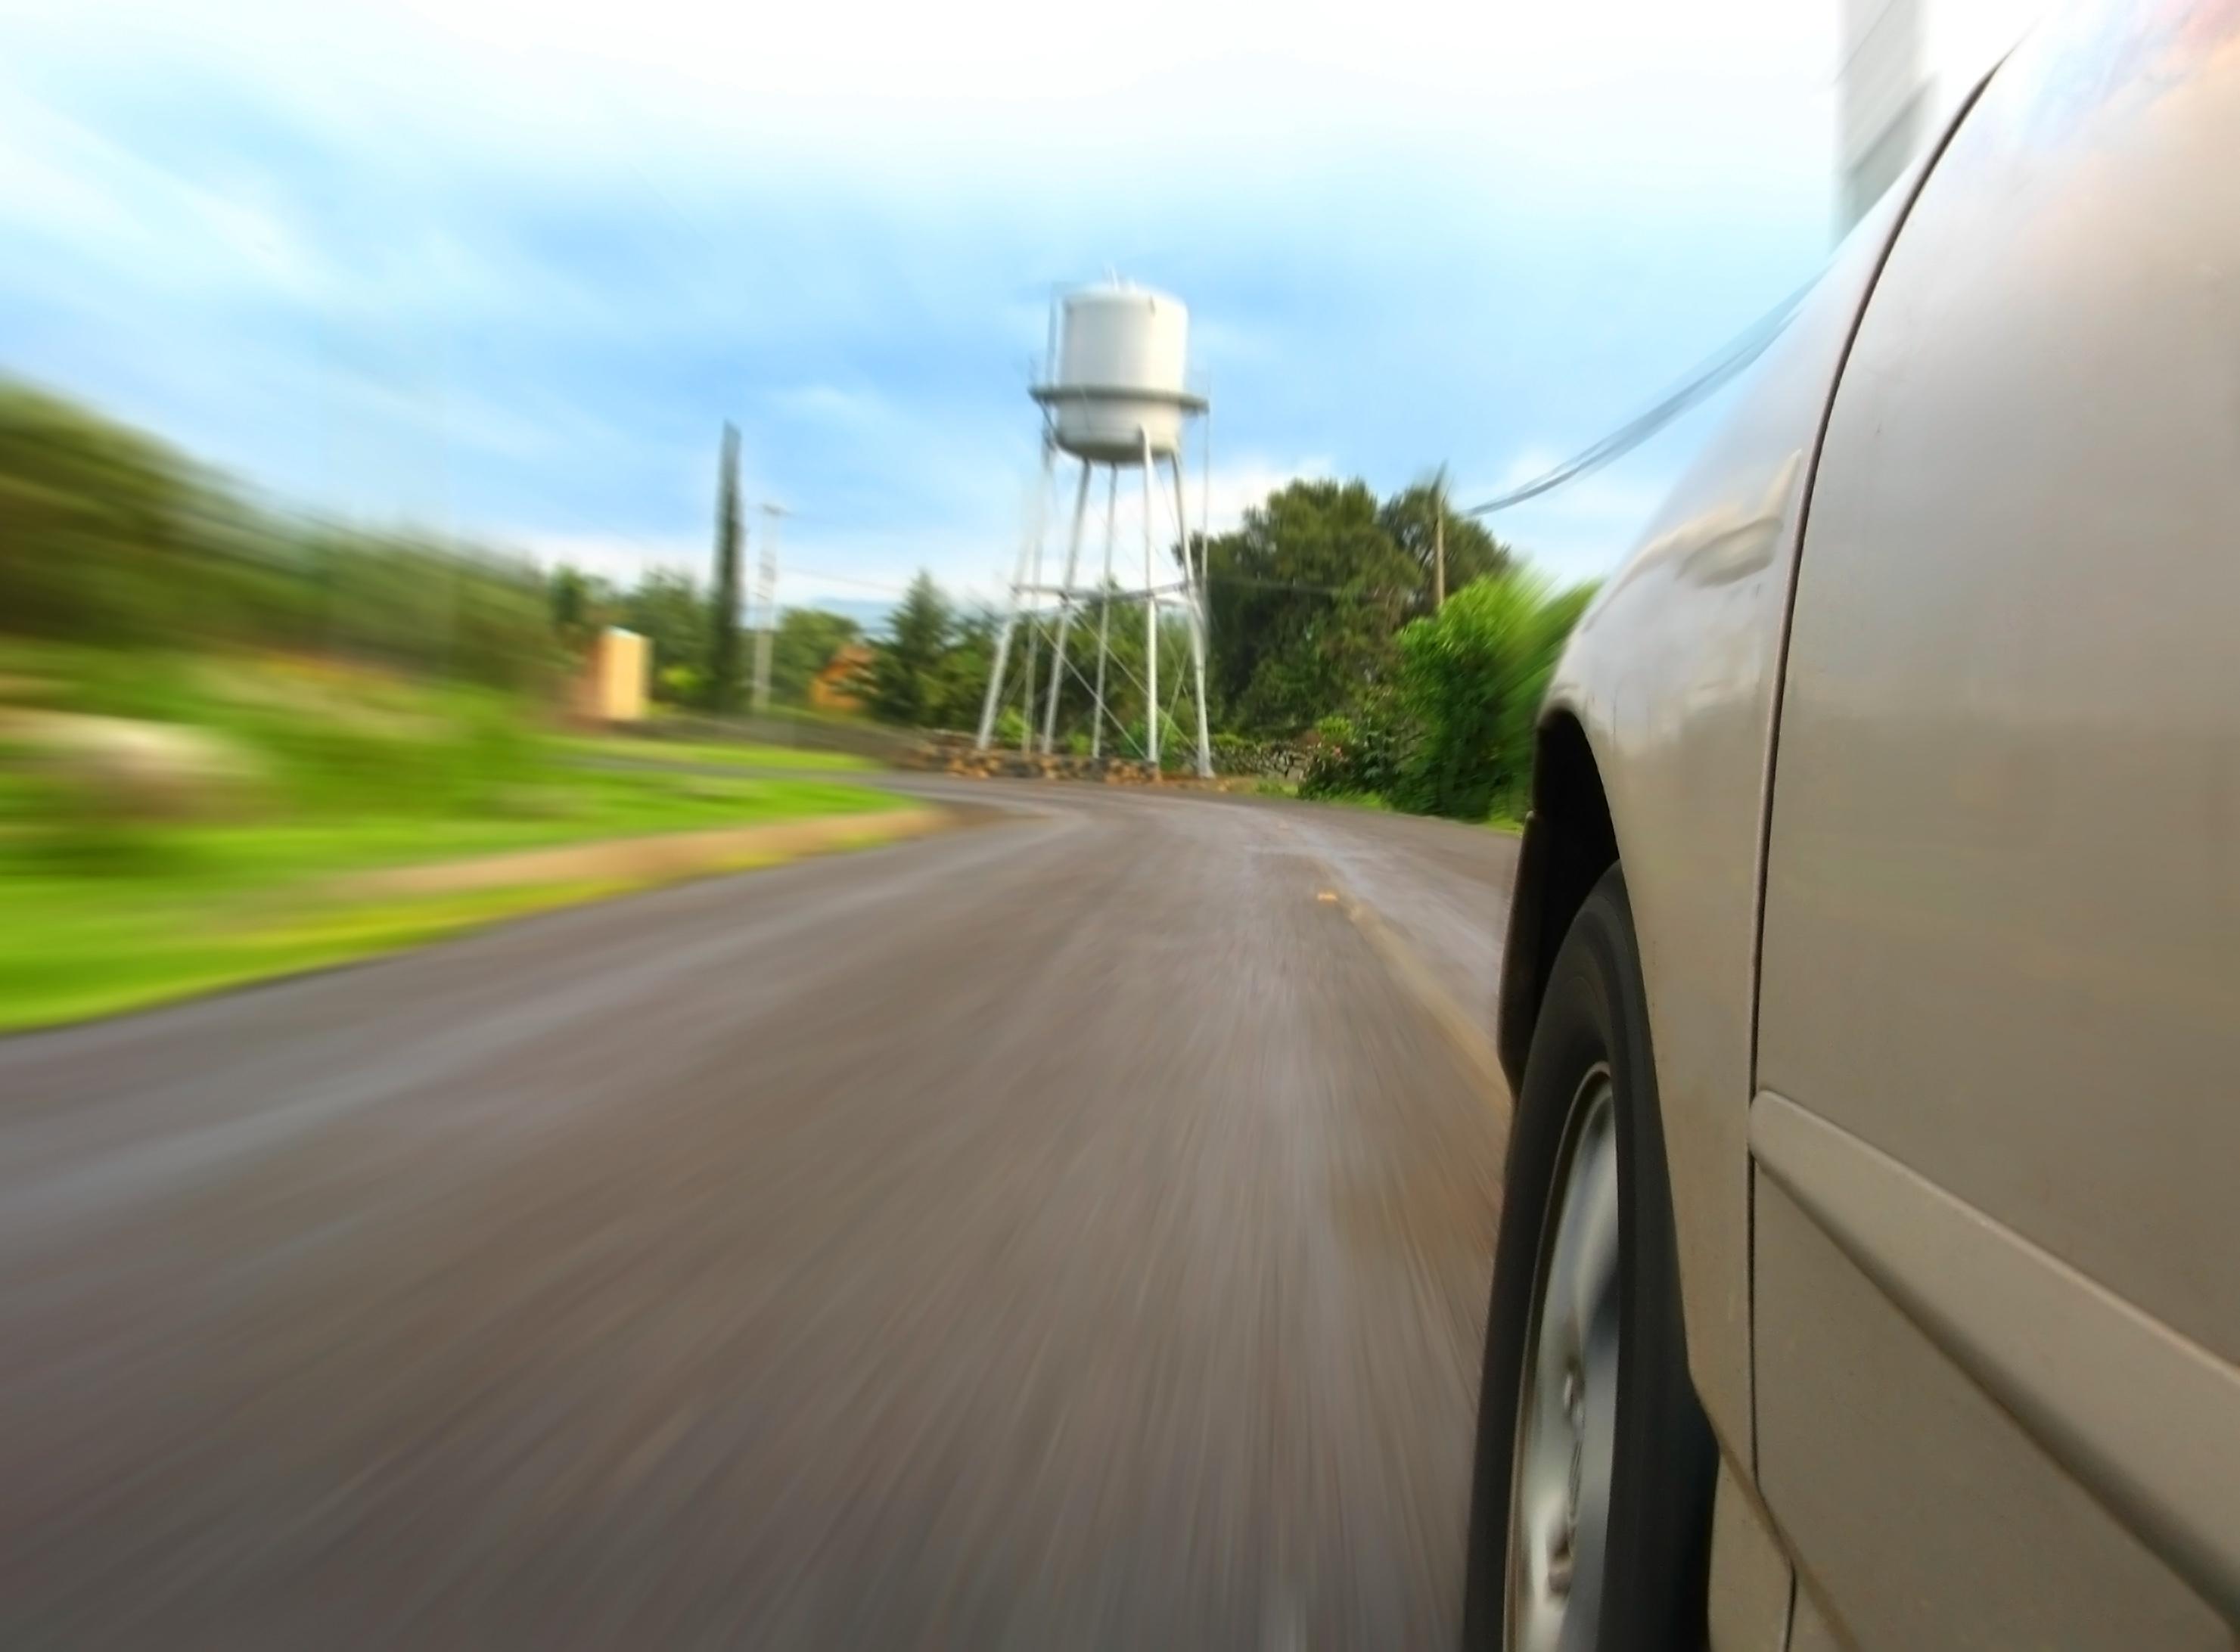 Nawet 1/3 kierowców mogła prowadzić auto w stanie nietrzeźwości